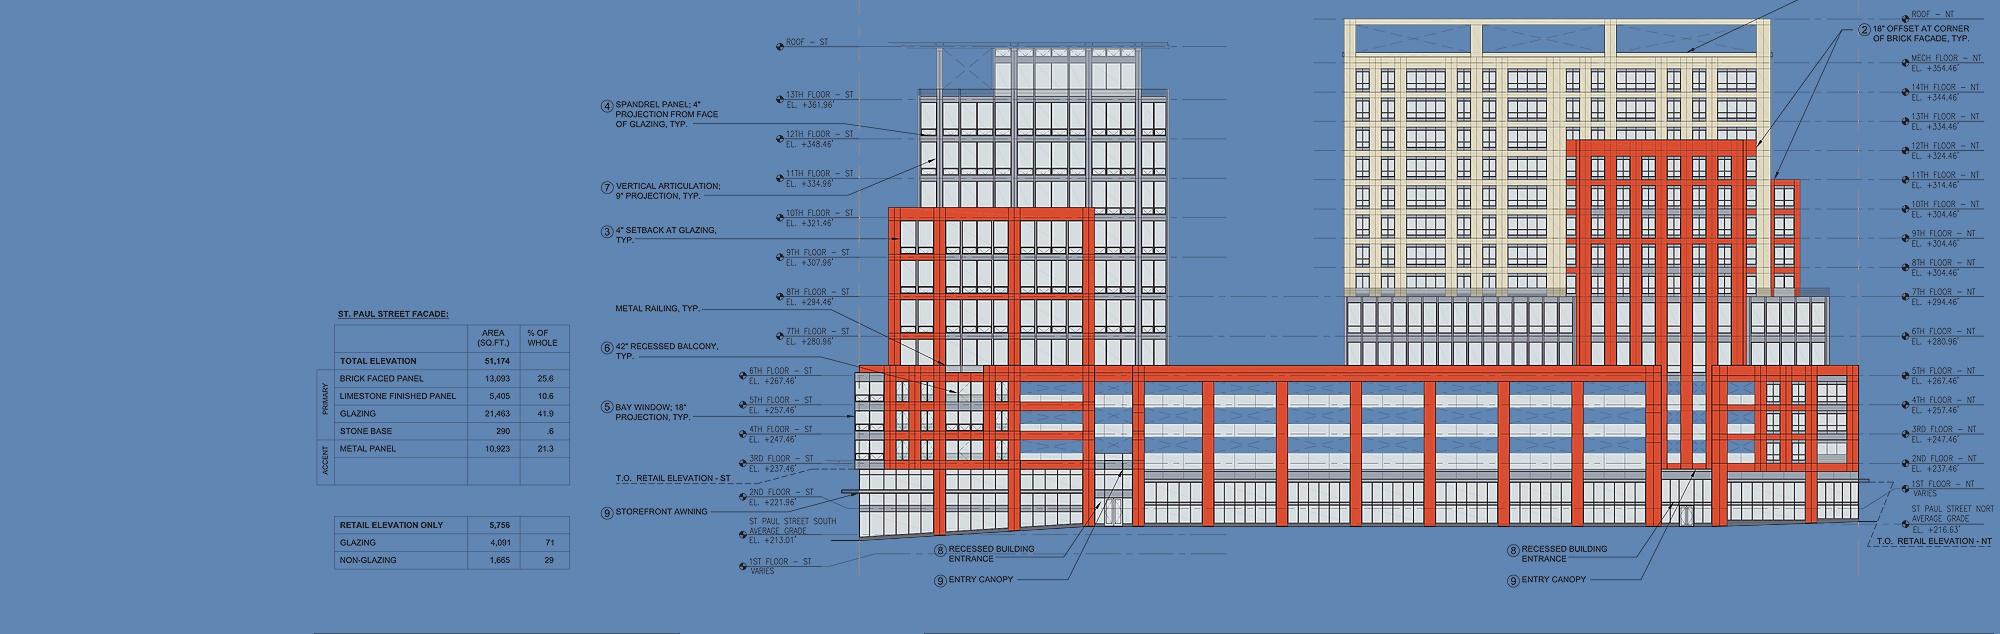 Shortest_Tallest_Building.jpg